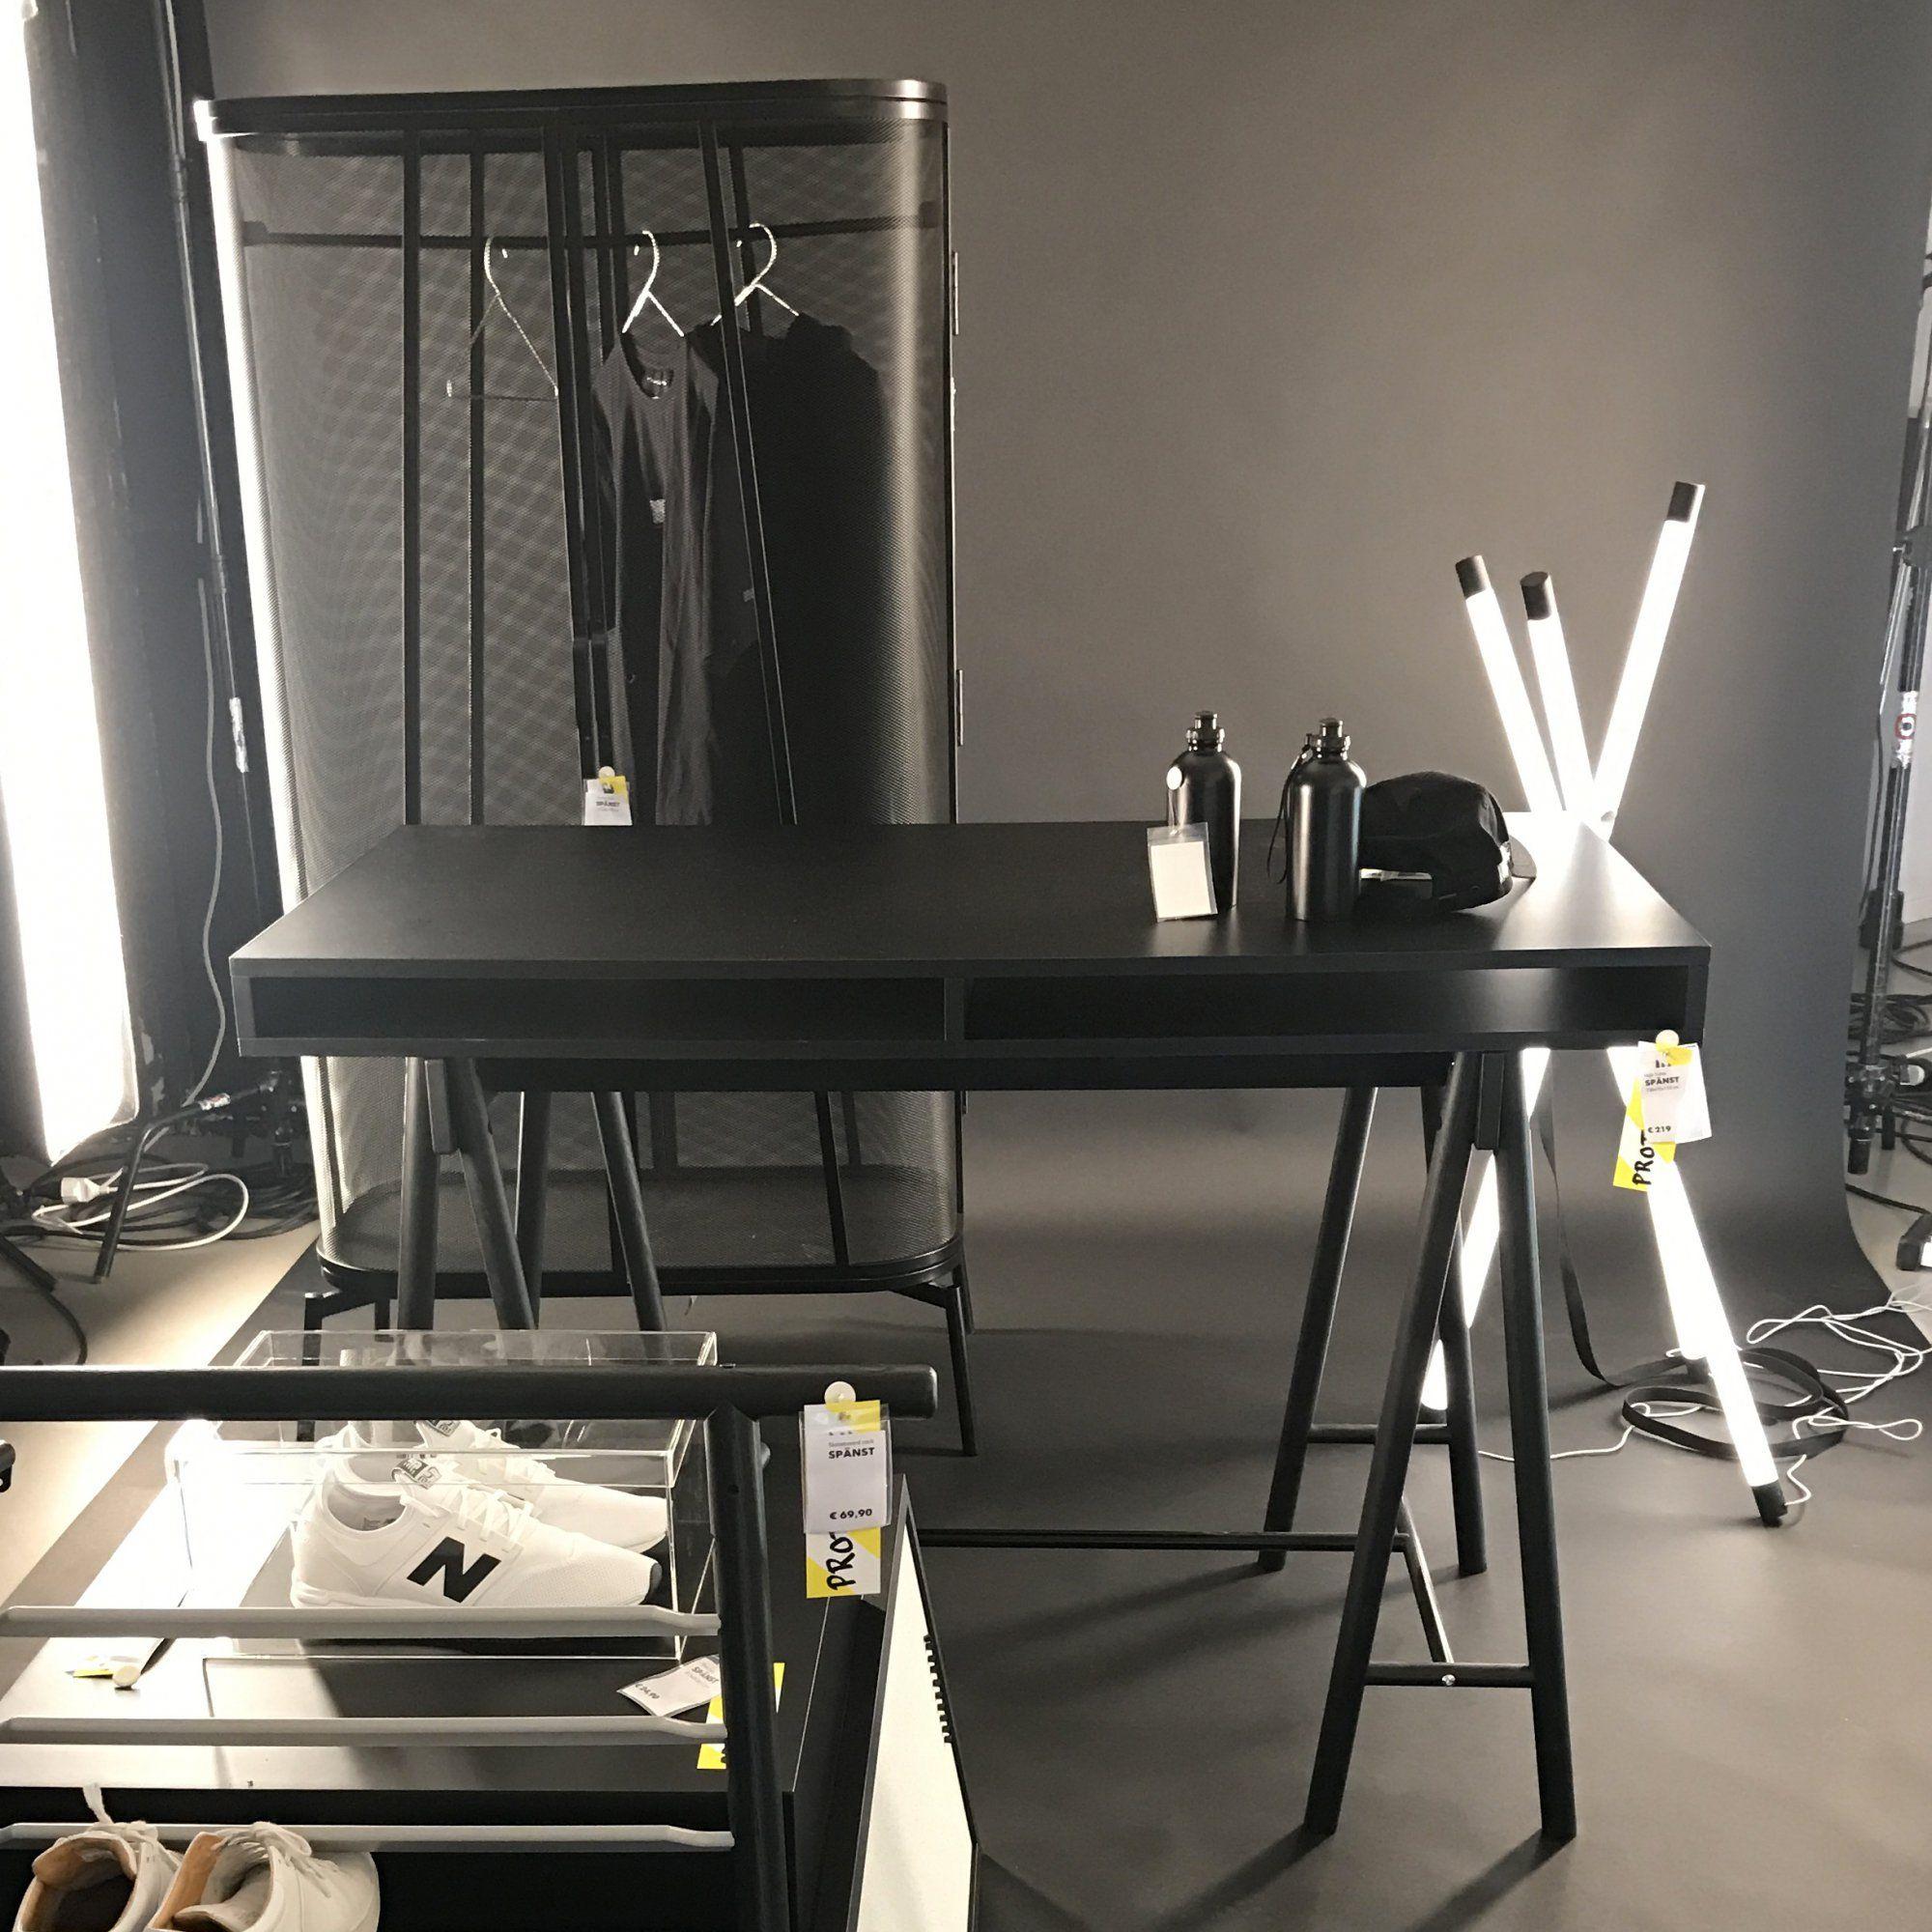 Bureau en bois noir et armoire monochrome collection Spnst par